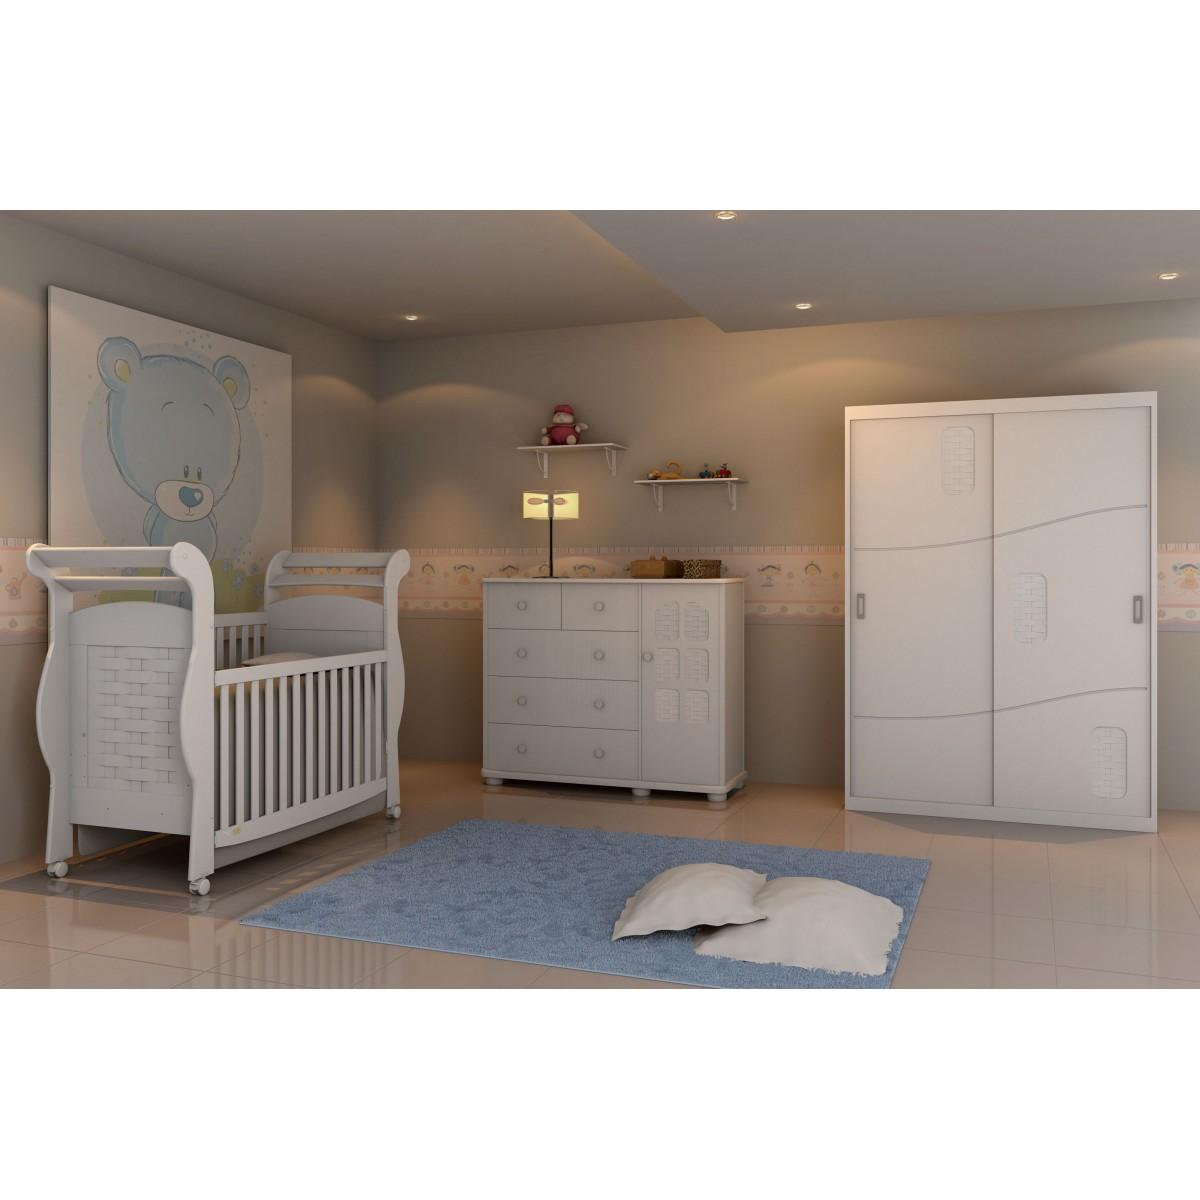 M�veis para Quarto do bebe Amore Treli�a - Matic - Clik Baby - Quarto do bebe - M�veis infantil - M�veis infantis